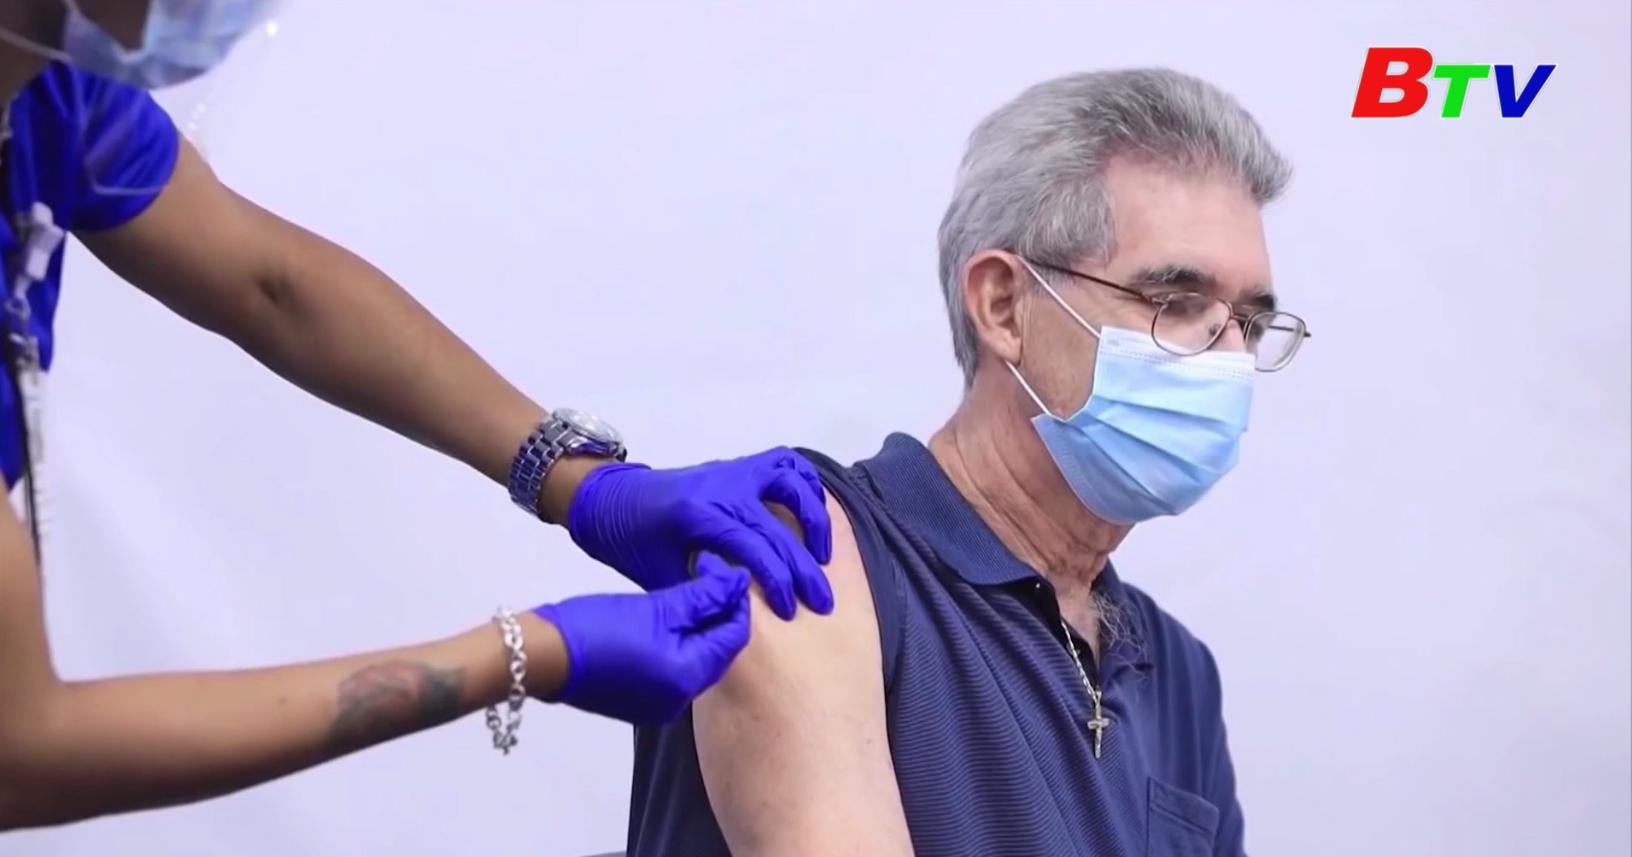 Người nhiễm Covid-19 chỉ có thể được miễn dịch trong 5 tháng